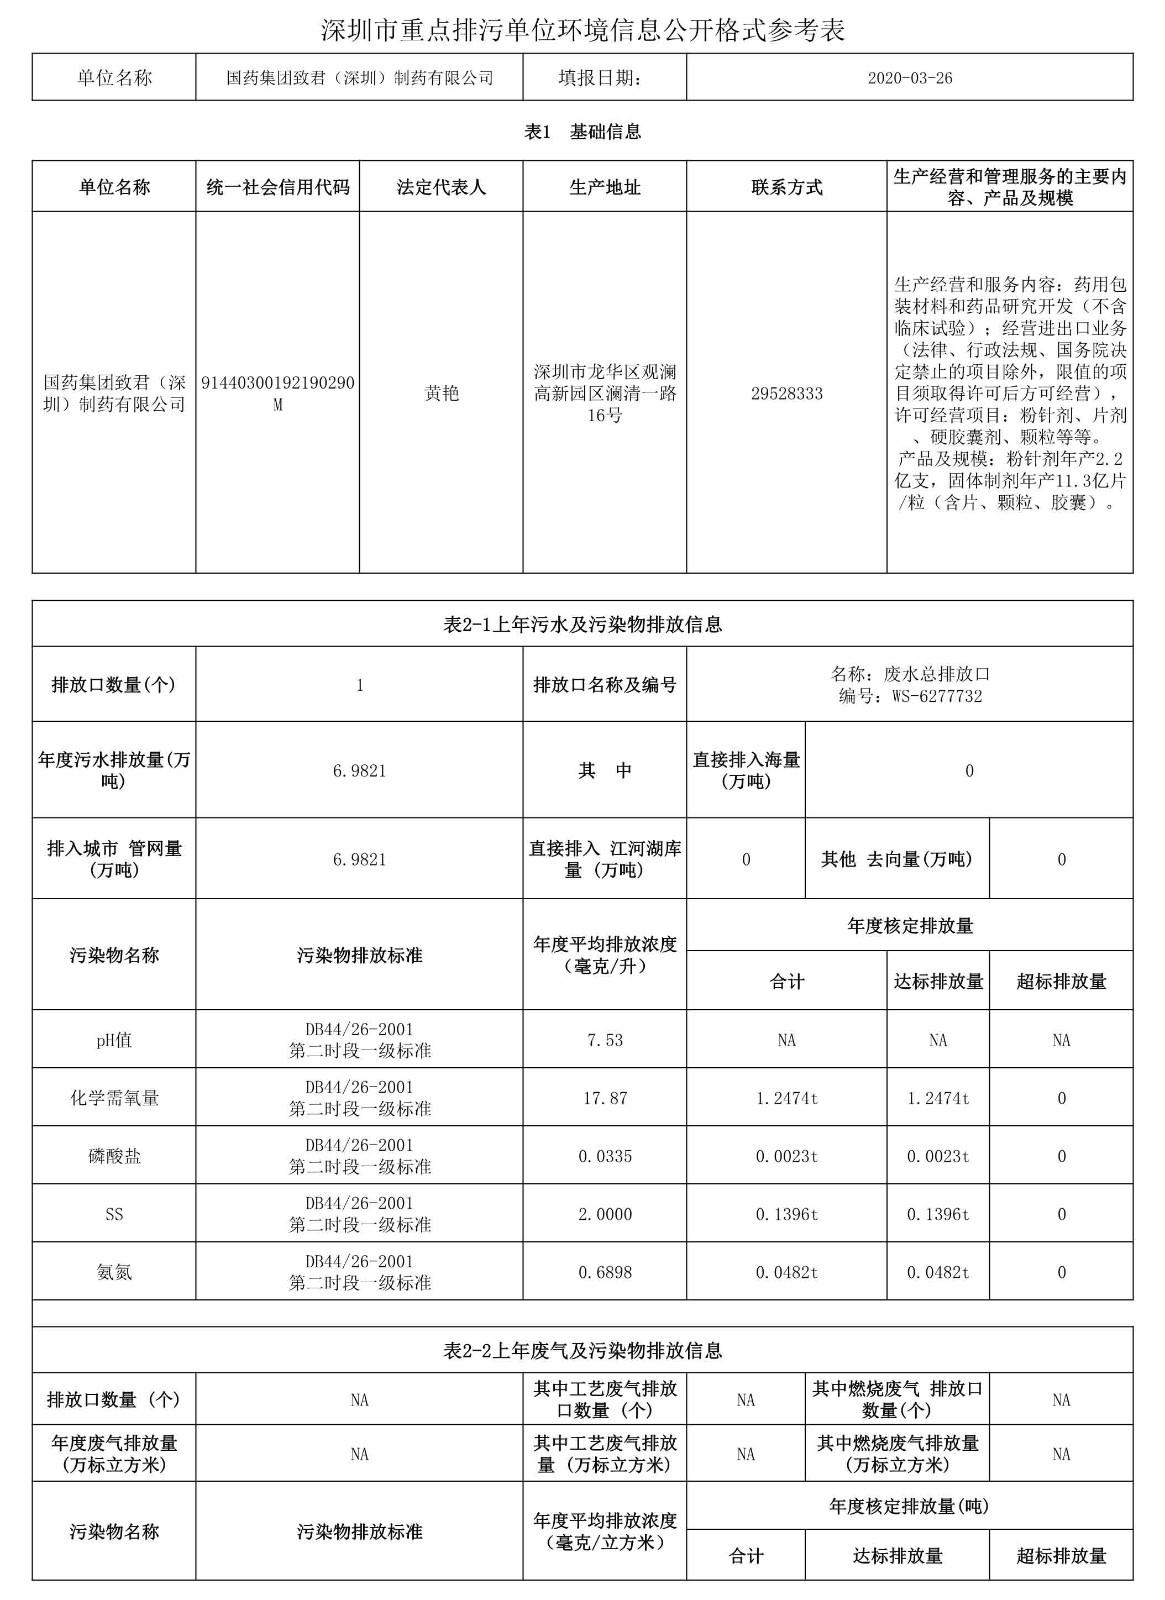 050616265349_0深圳市重点排污单位环境信息公开_1.jpg